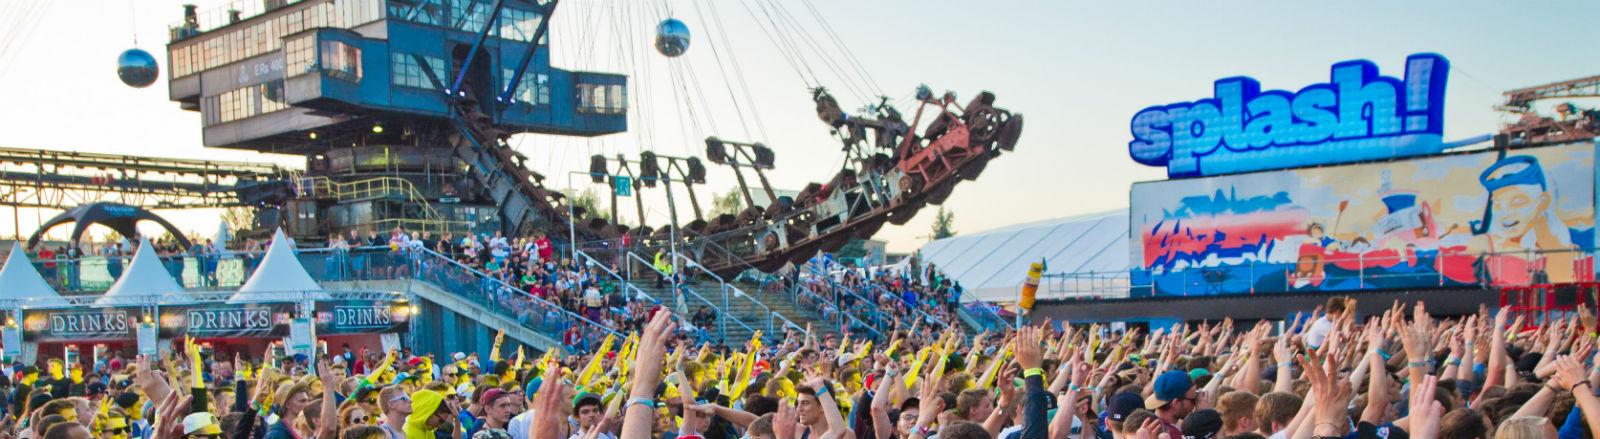 Festivalbesucher recken beim Splash die Arme hoch. Bild: dpa